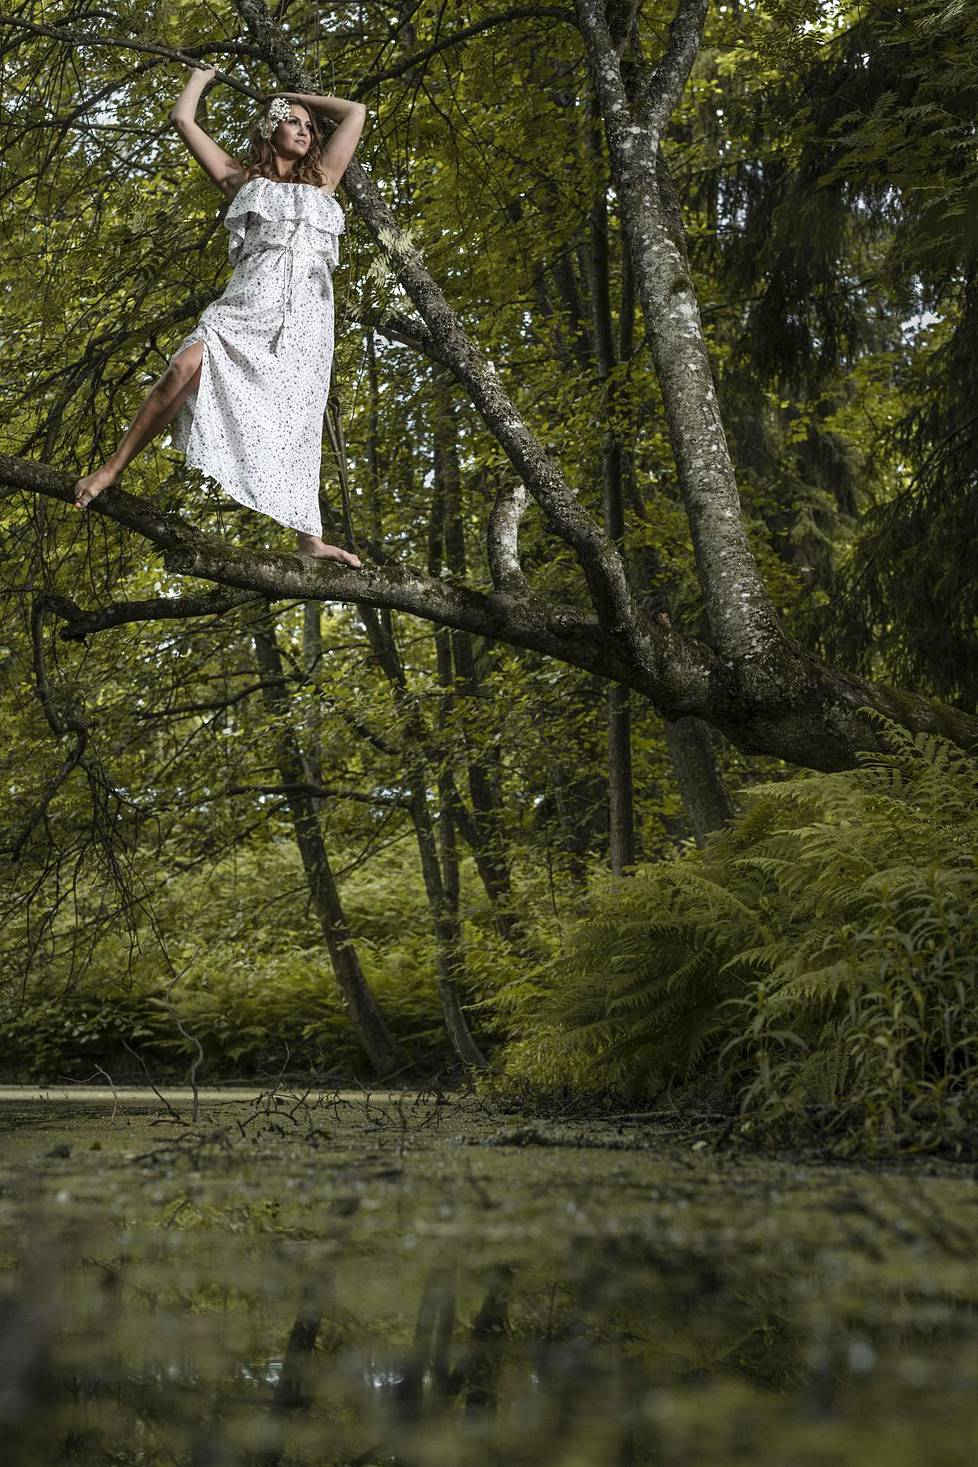 Janina on luonnonlapsi, joka ei pelkää heittää itseään likoon. Tai tässä tapauksessa puun oksalle.